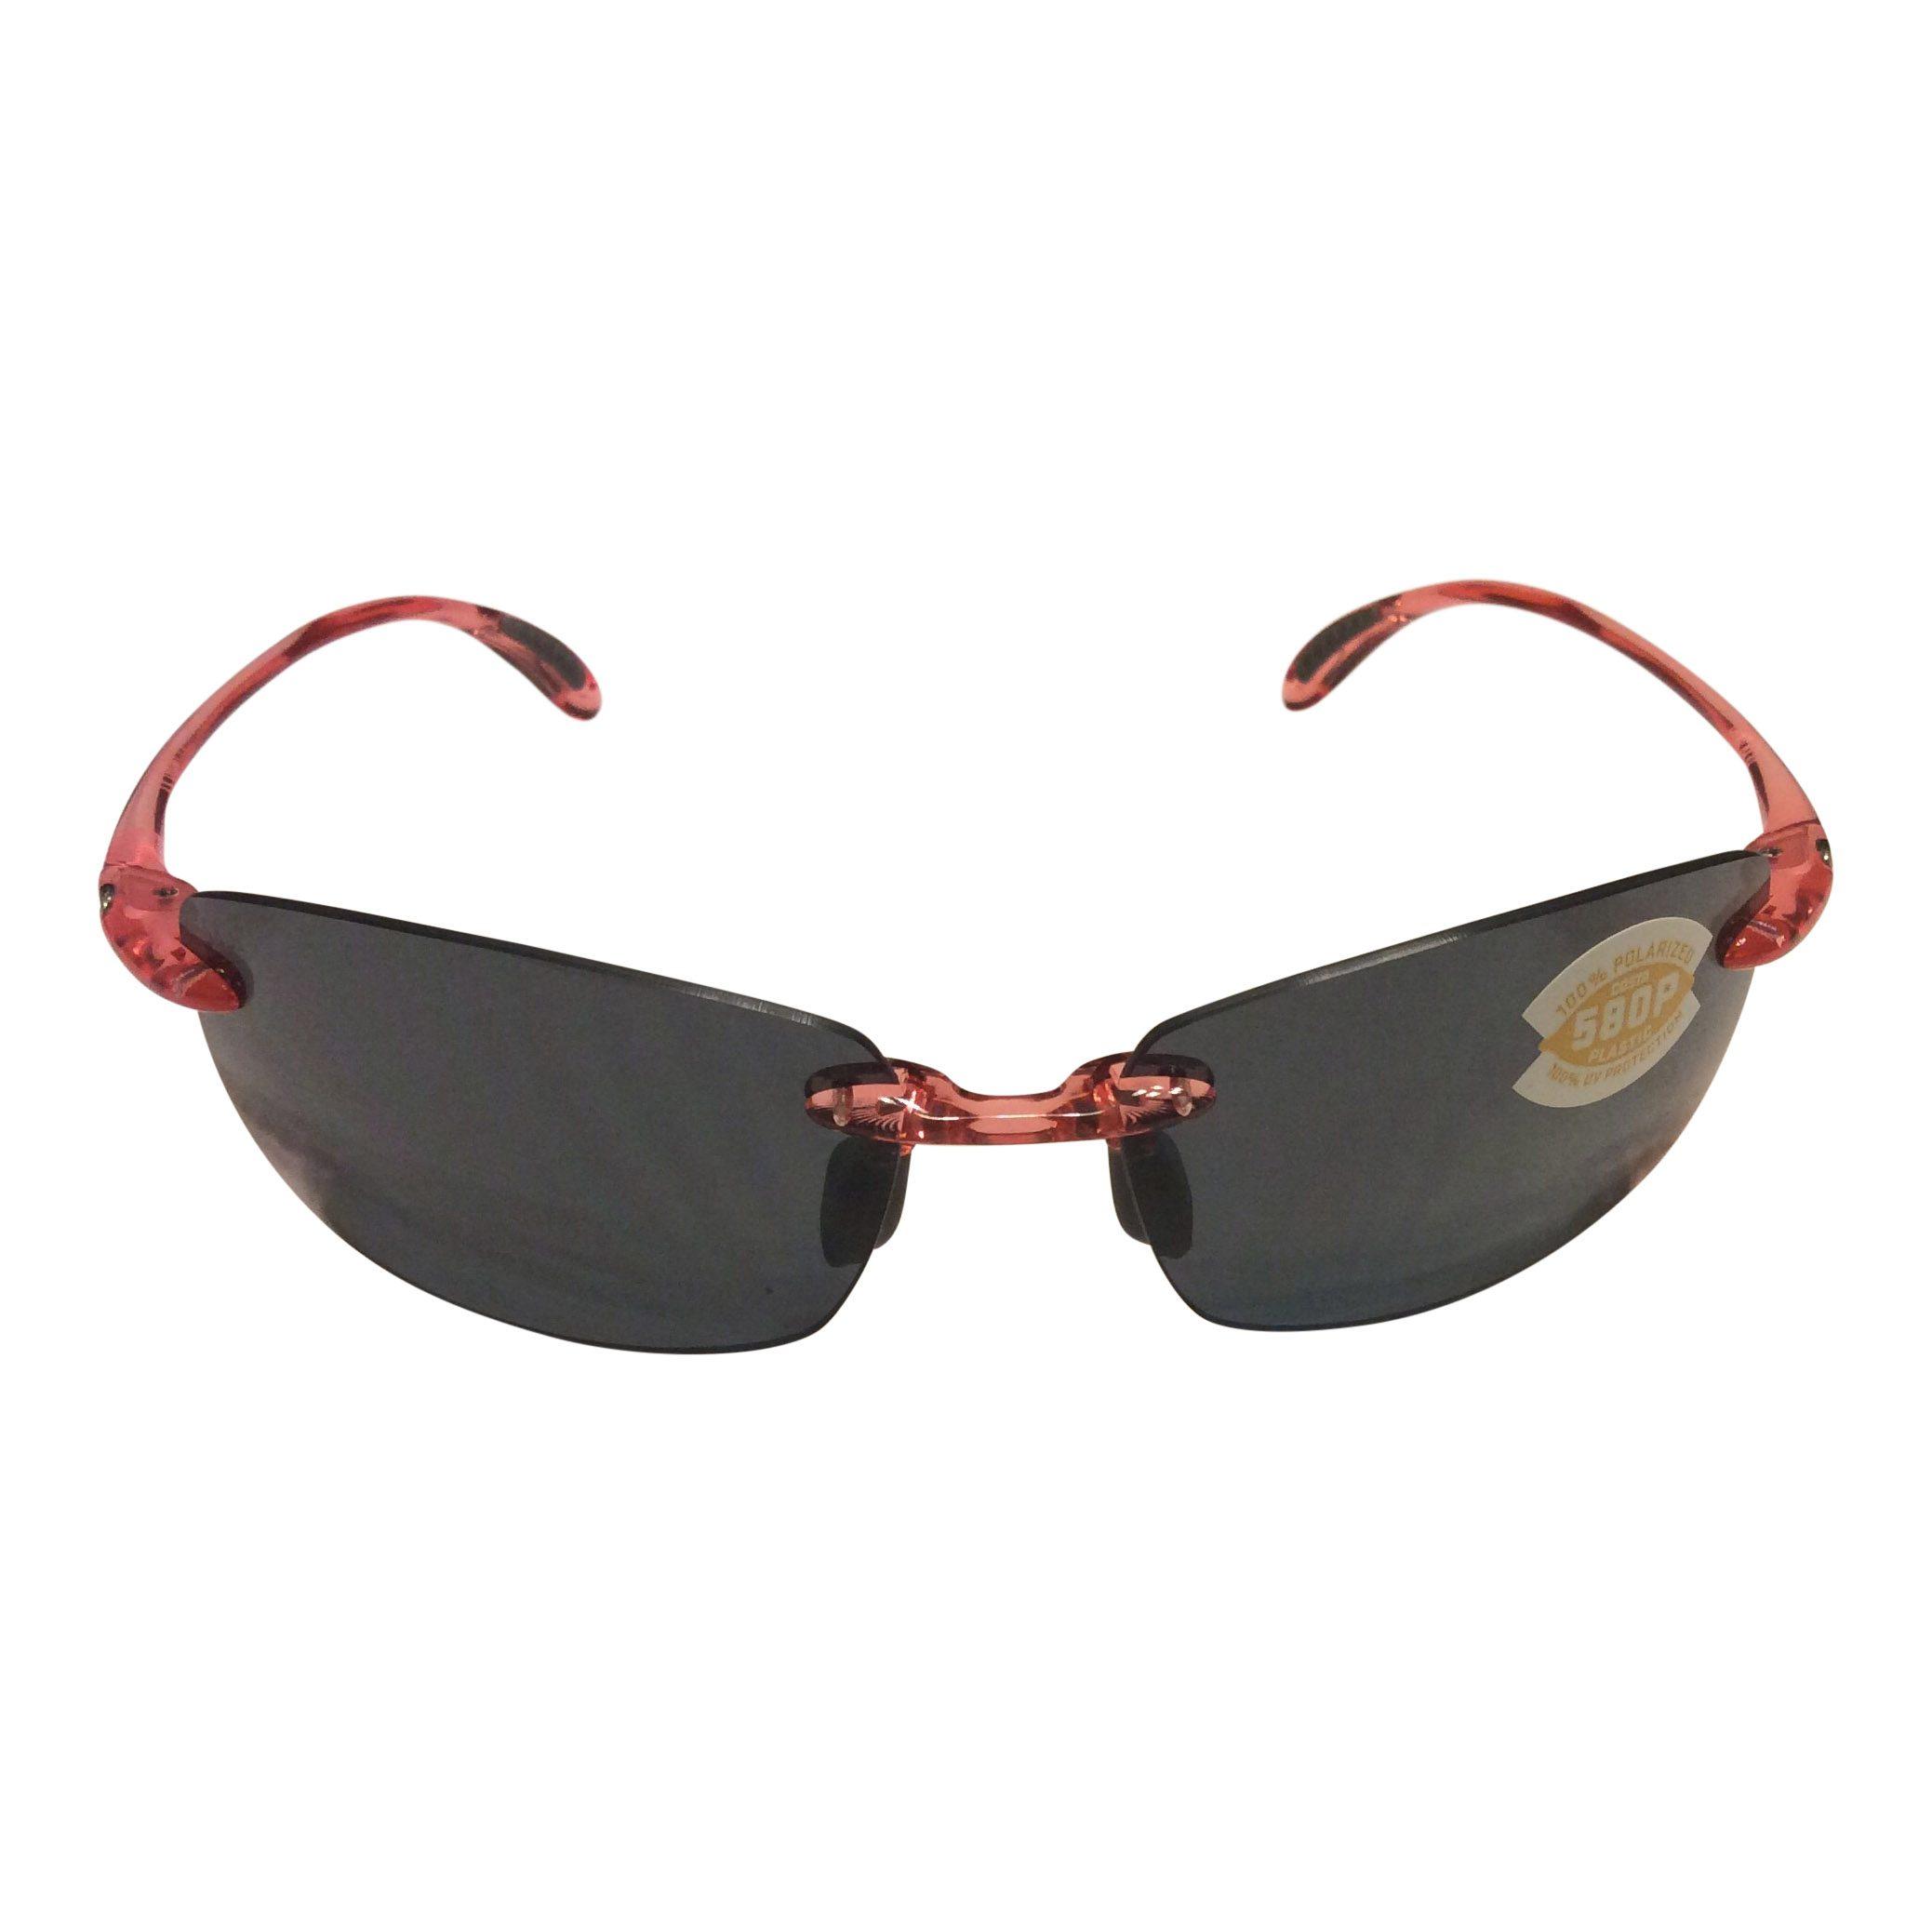 15fba87bb9d Costa Del Mar Ballast Sunglasses - Conch Shell Pink - POLARIZED Gray 580P  Lens